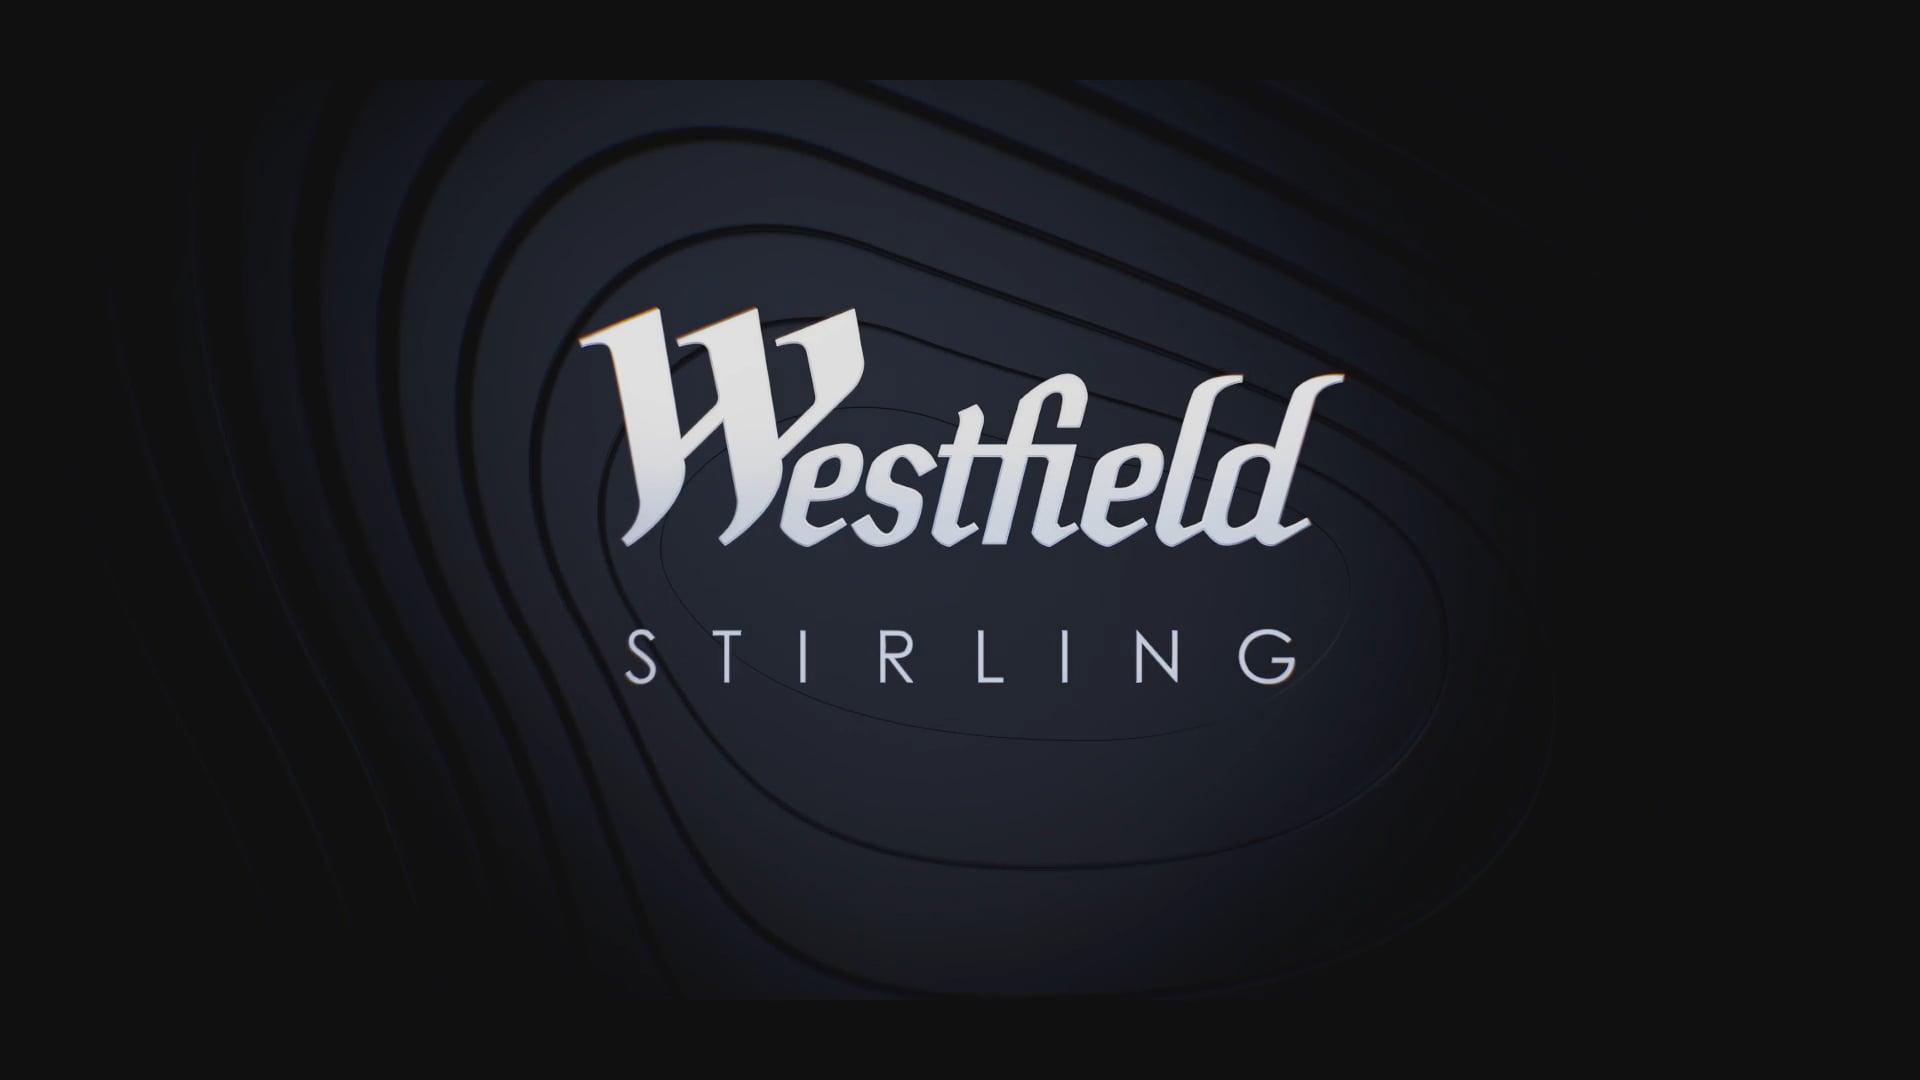 Westfield Stirling